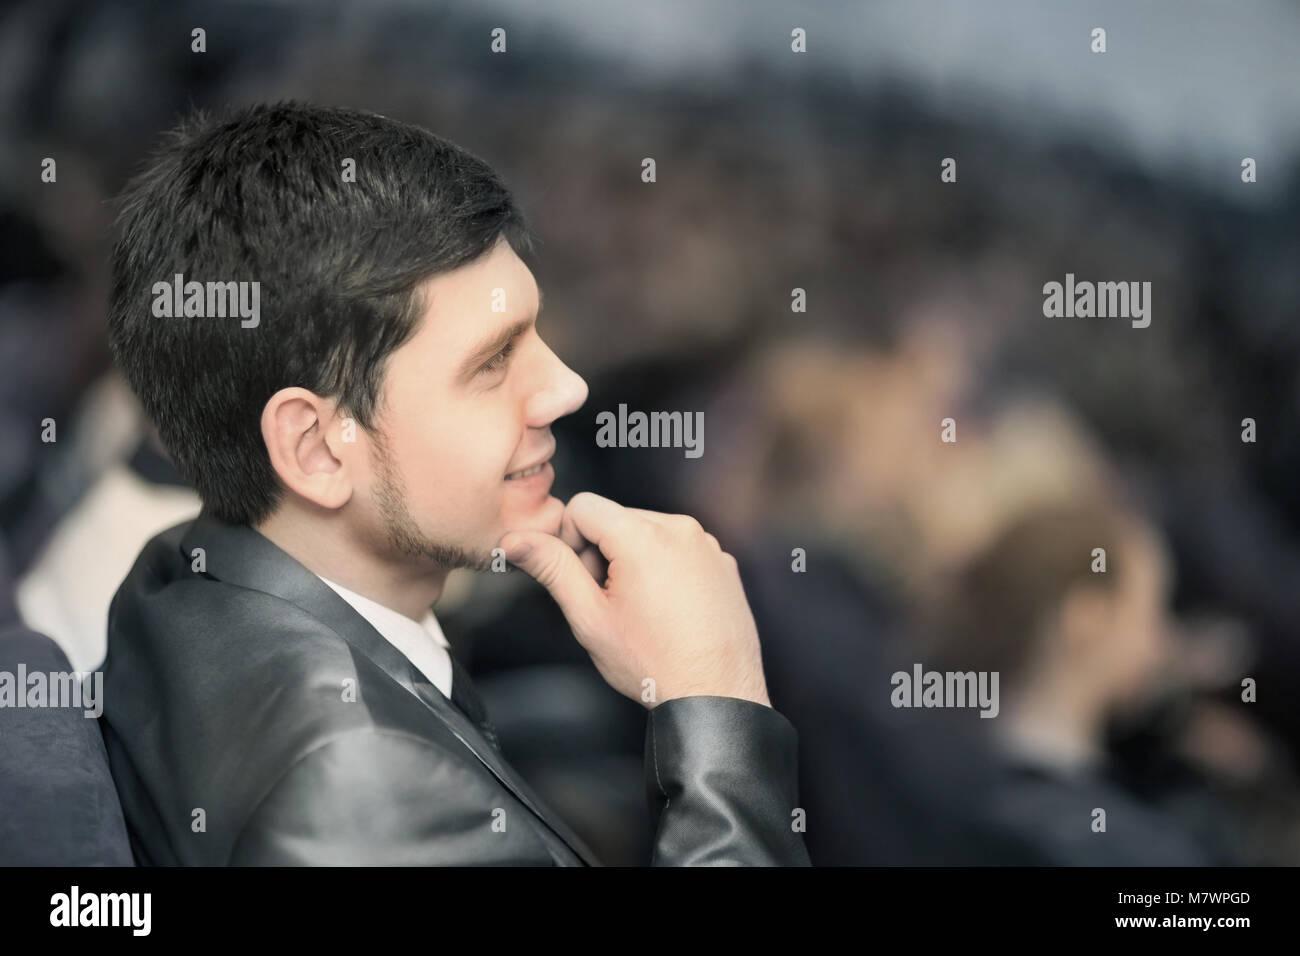 Homme assis à l'arrière de la conférence d'affaires. Photo Stock